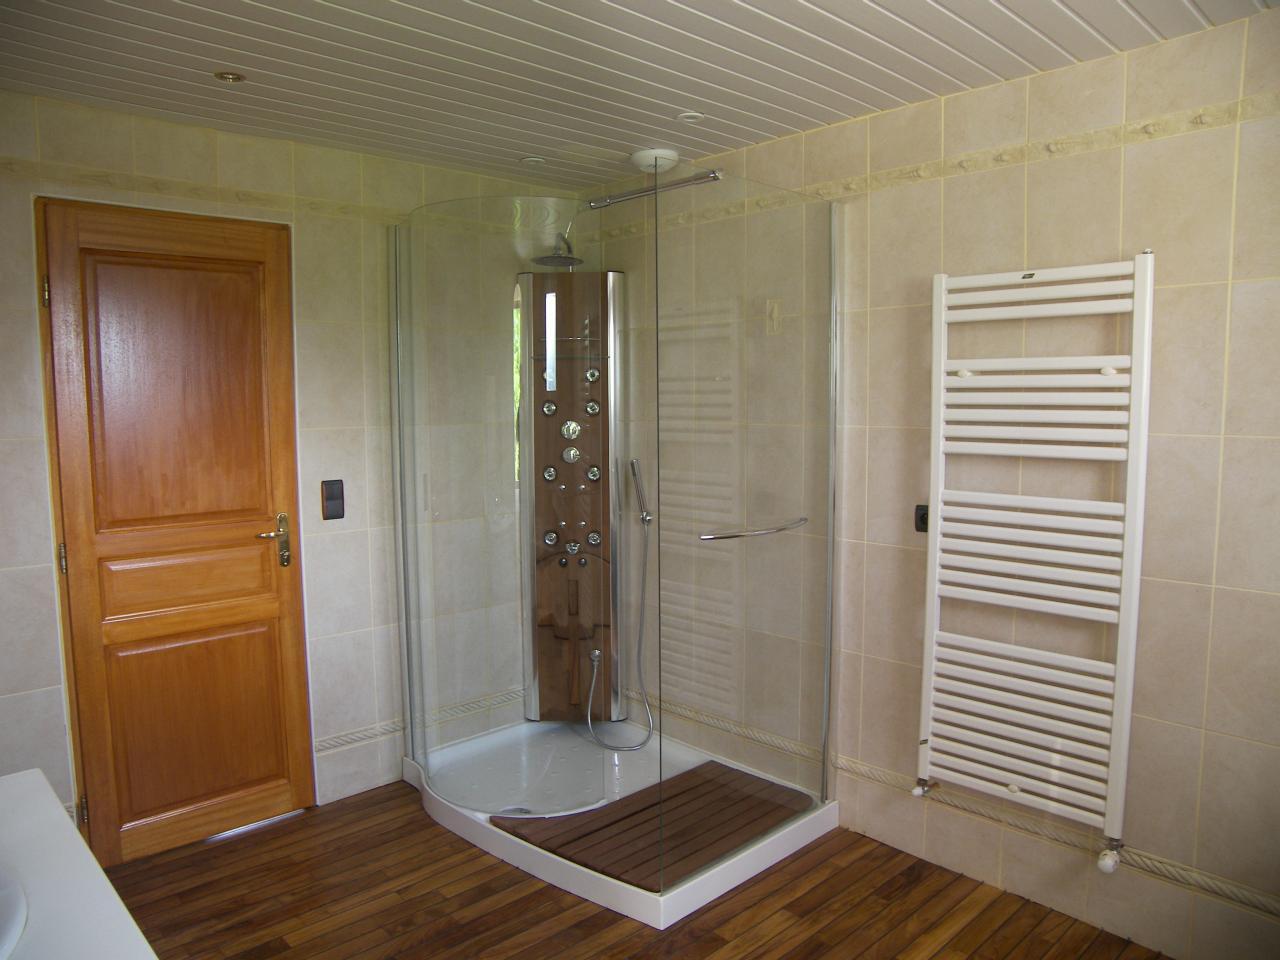 Salle de bain avec jacuzzi et douche for Salle de bain avec jacuzzi et douche